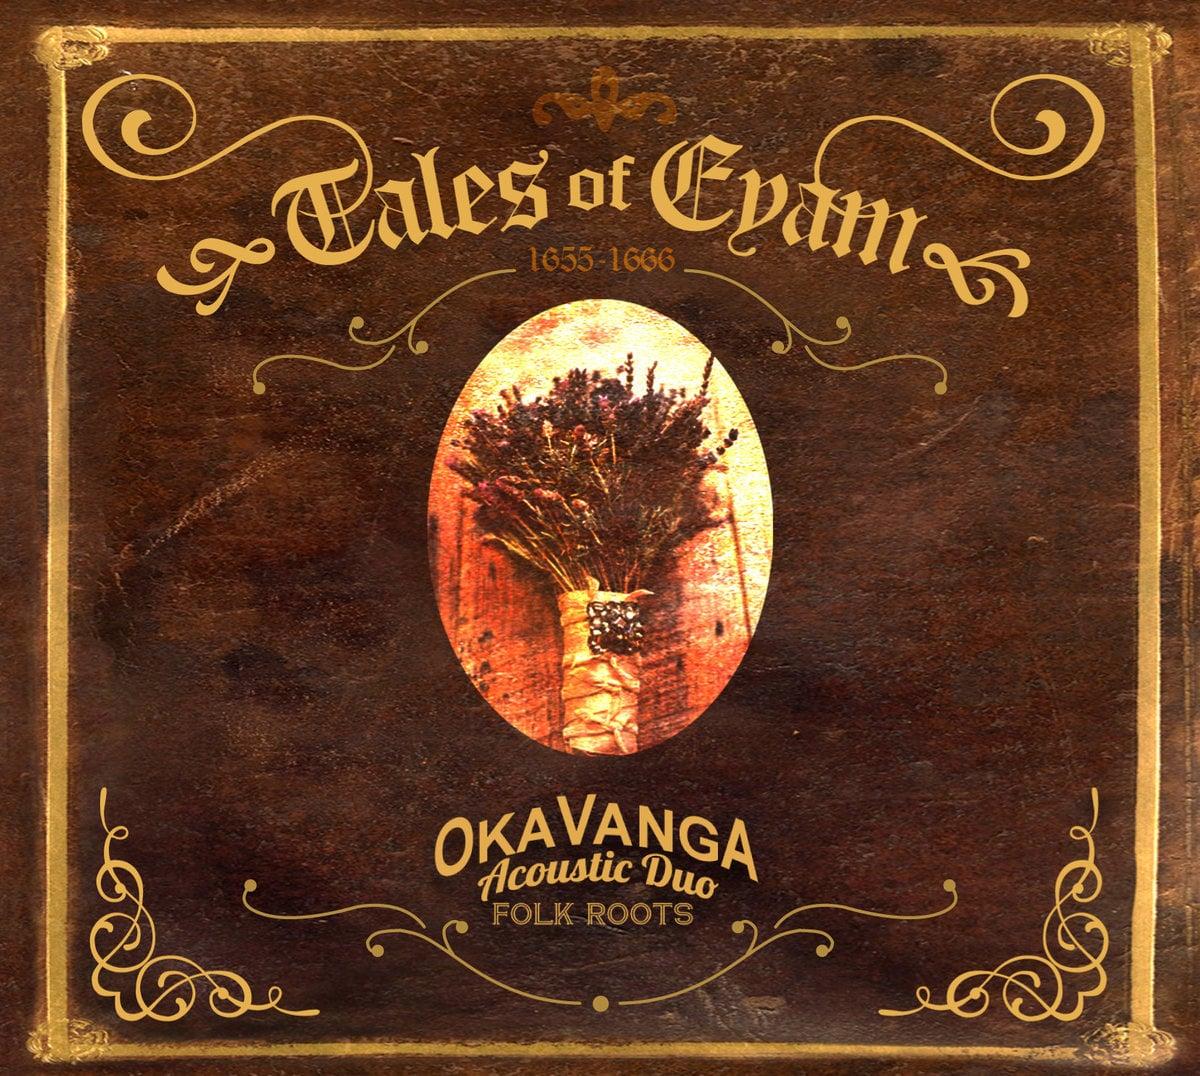 Tales of Eyam EP - Oka Vanga